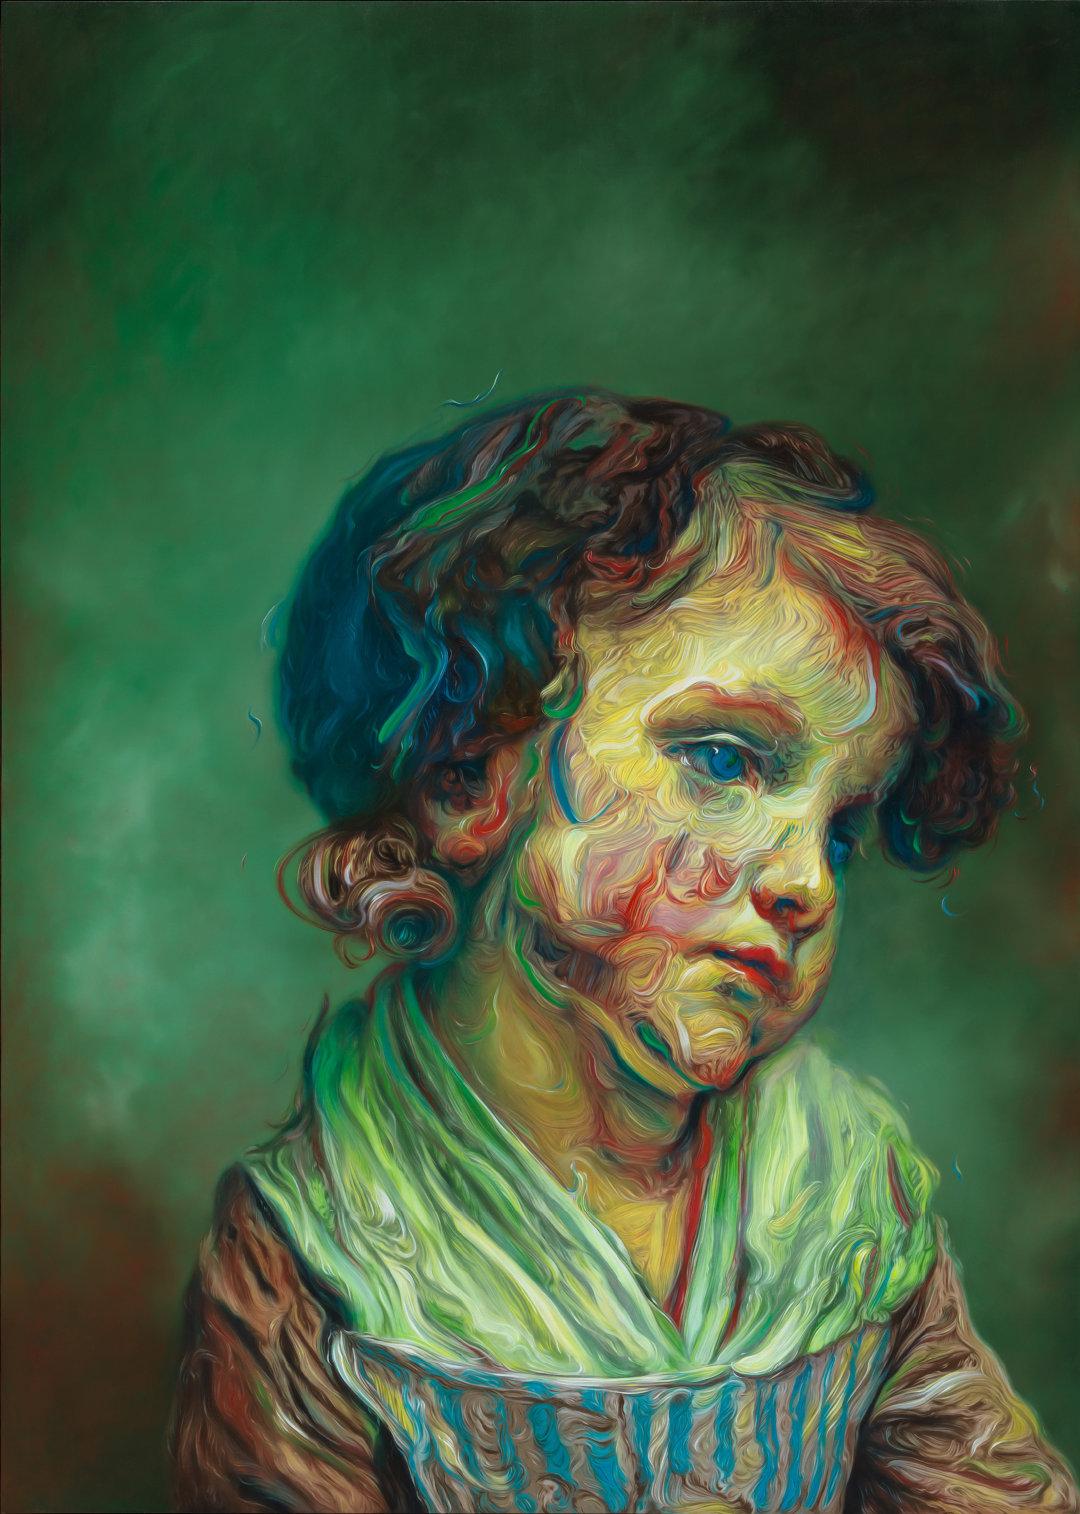 超越时间和图像惯例的艺术语言英国艺术家 Glenn Brown 用丙烯颜料